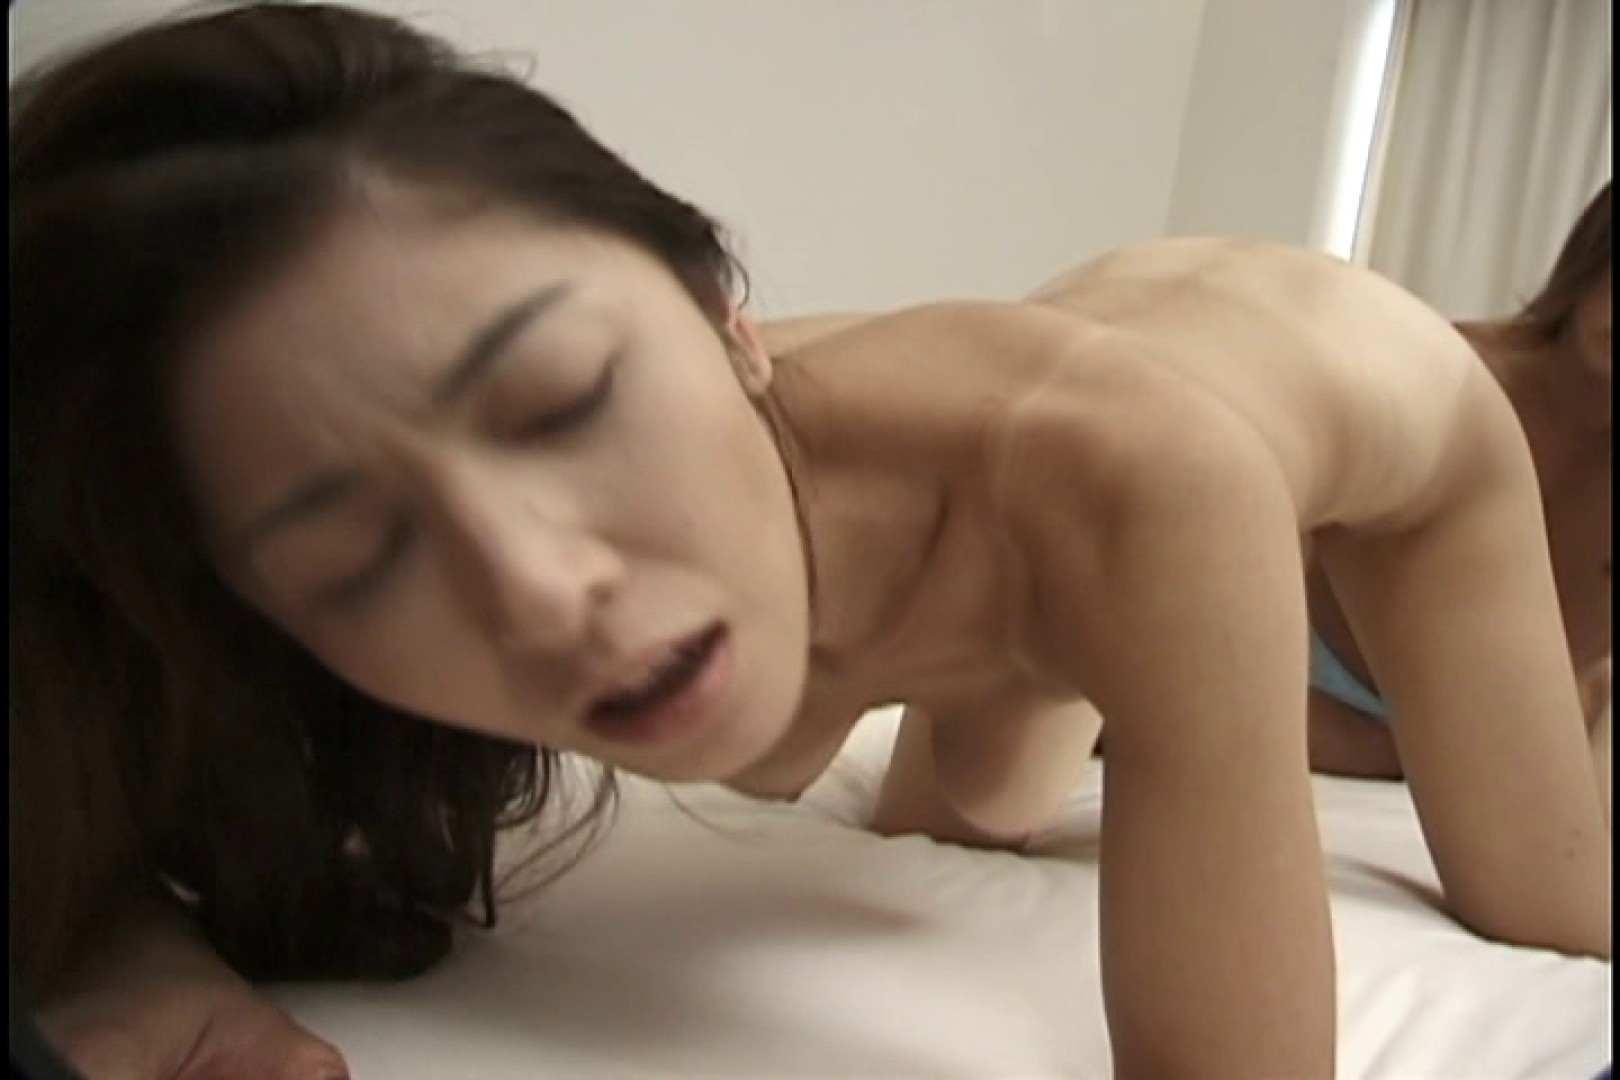 昼間の奥様は欲求不満 ~安田弘美~ クリトリス エロ画像 106連発 89